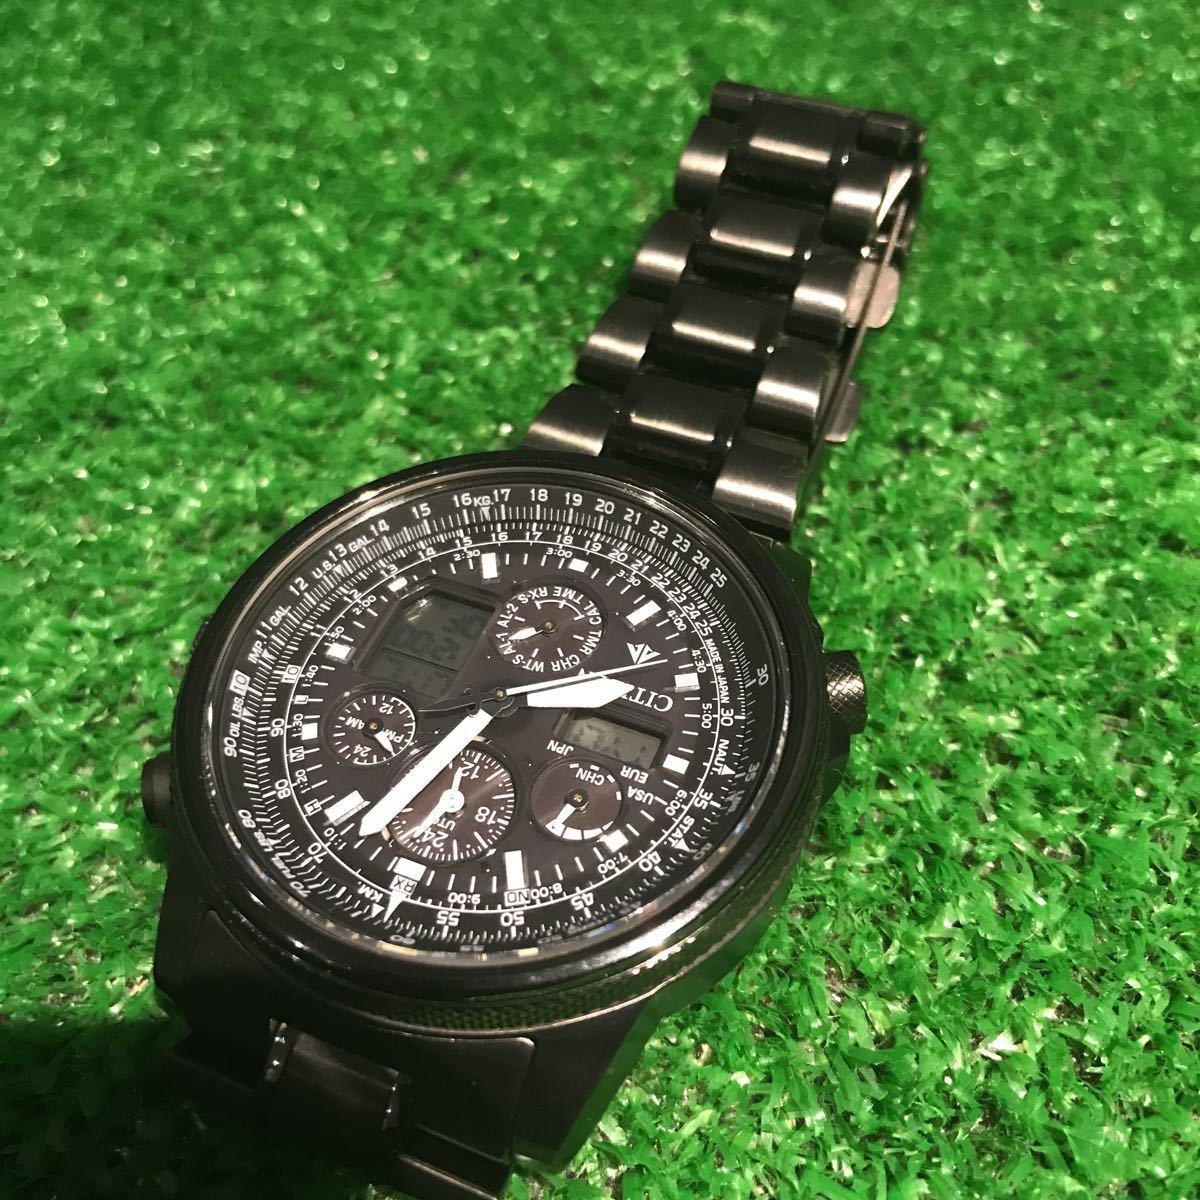 新品同様1円~ 試着程度 シチズン U680-T019692 プロマスター チタン ソーラー 電波時計 アナデジ メンズ腕時計 60サイズ (62)_画像7